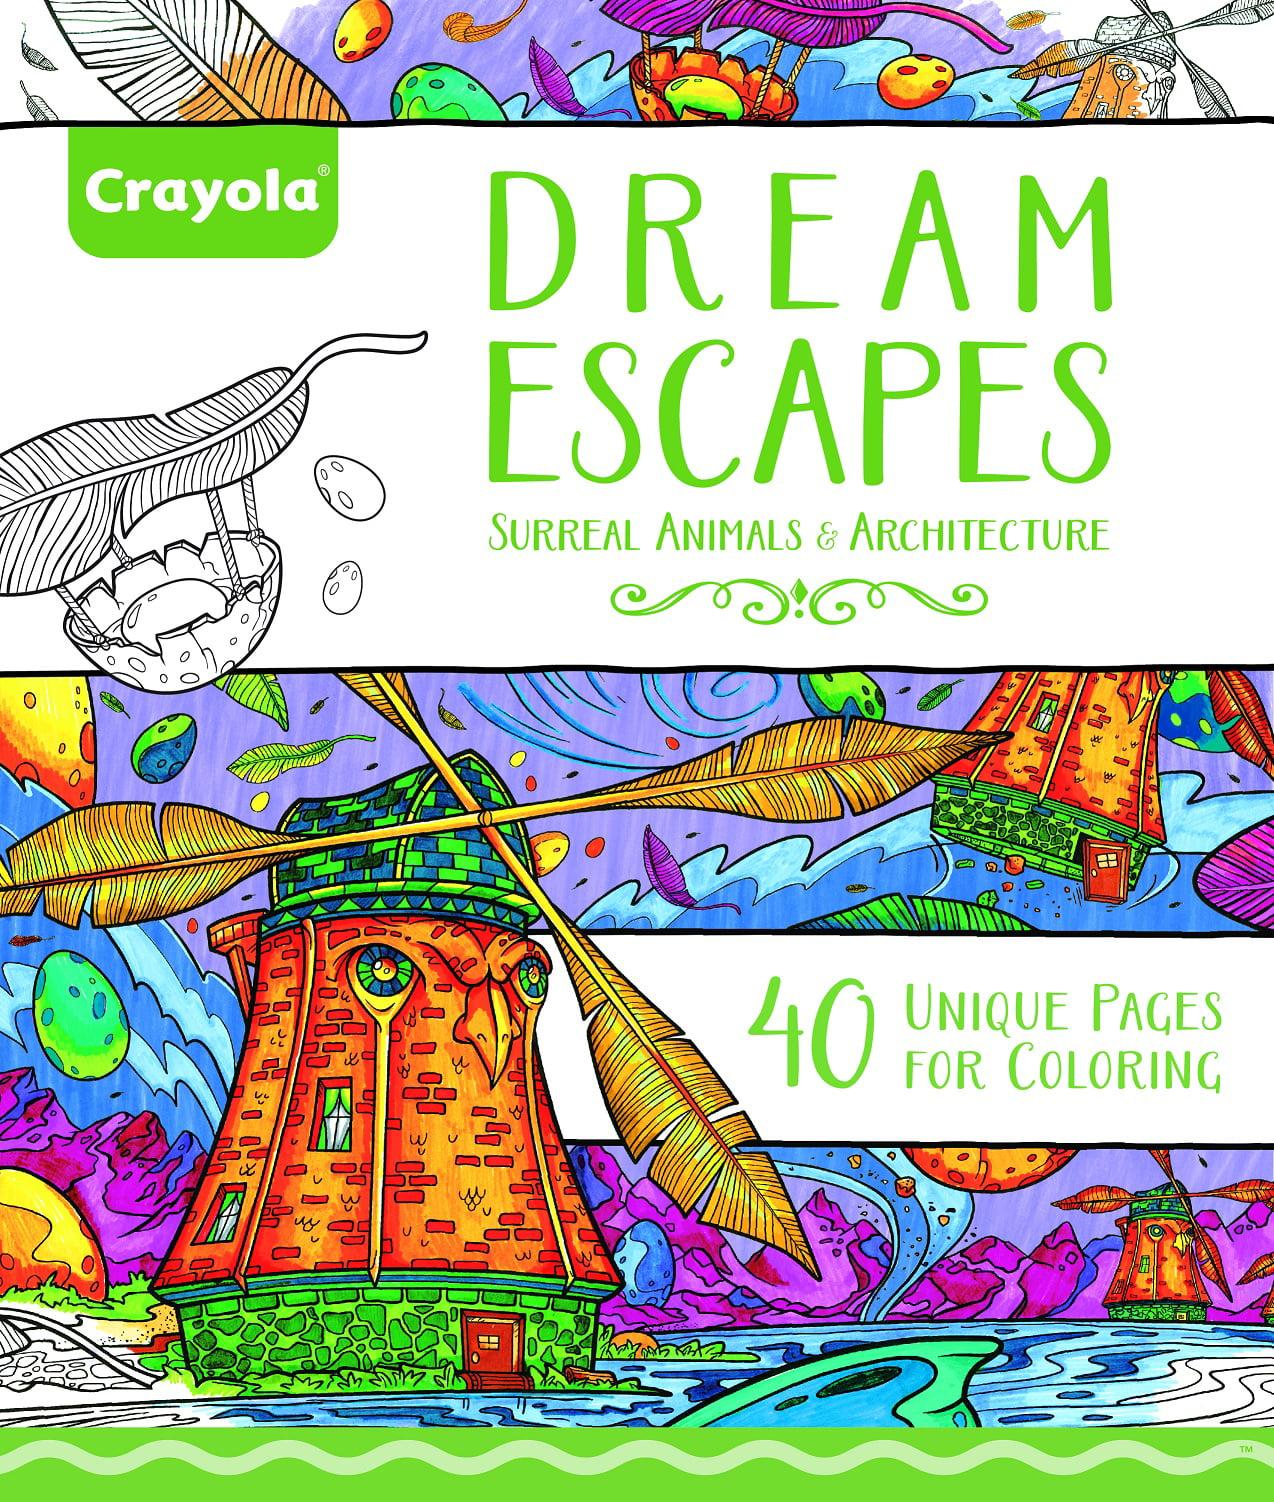 Crayola 40 Page Adult Coloring Book Dream Escapes by Crayola